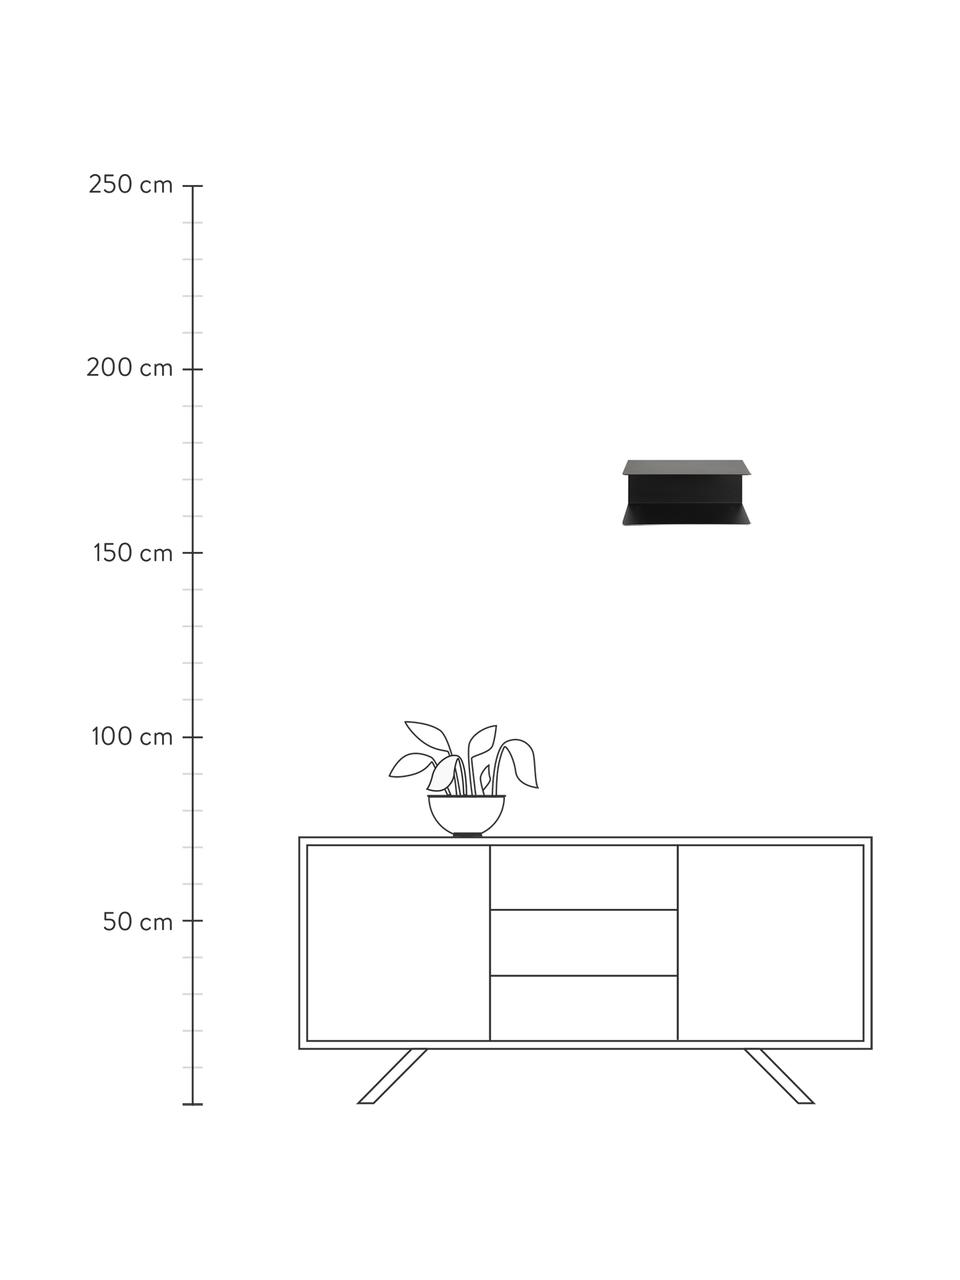 Zwarte metalen wandplanken Newton, 2 stuks, Gepoedercoat metaal, Zwart, 35 x 14 cm